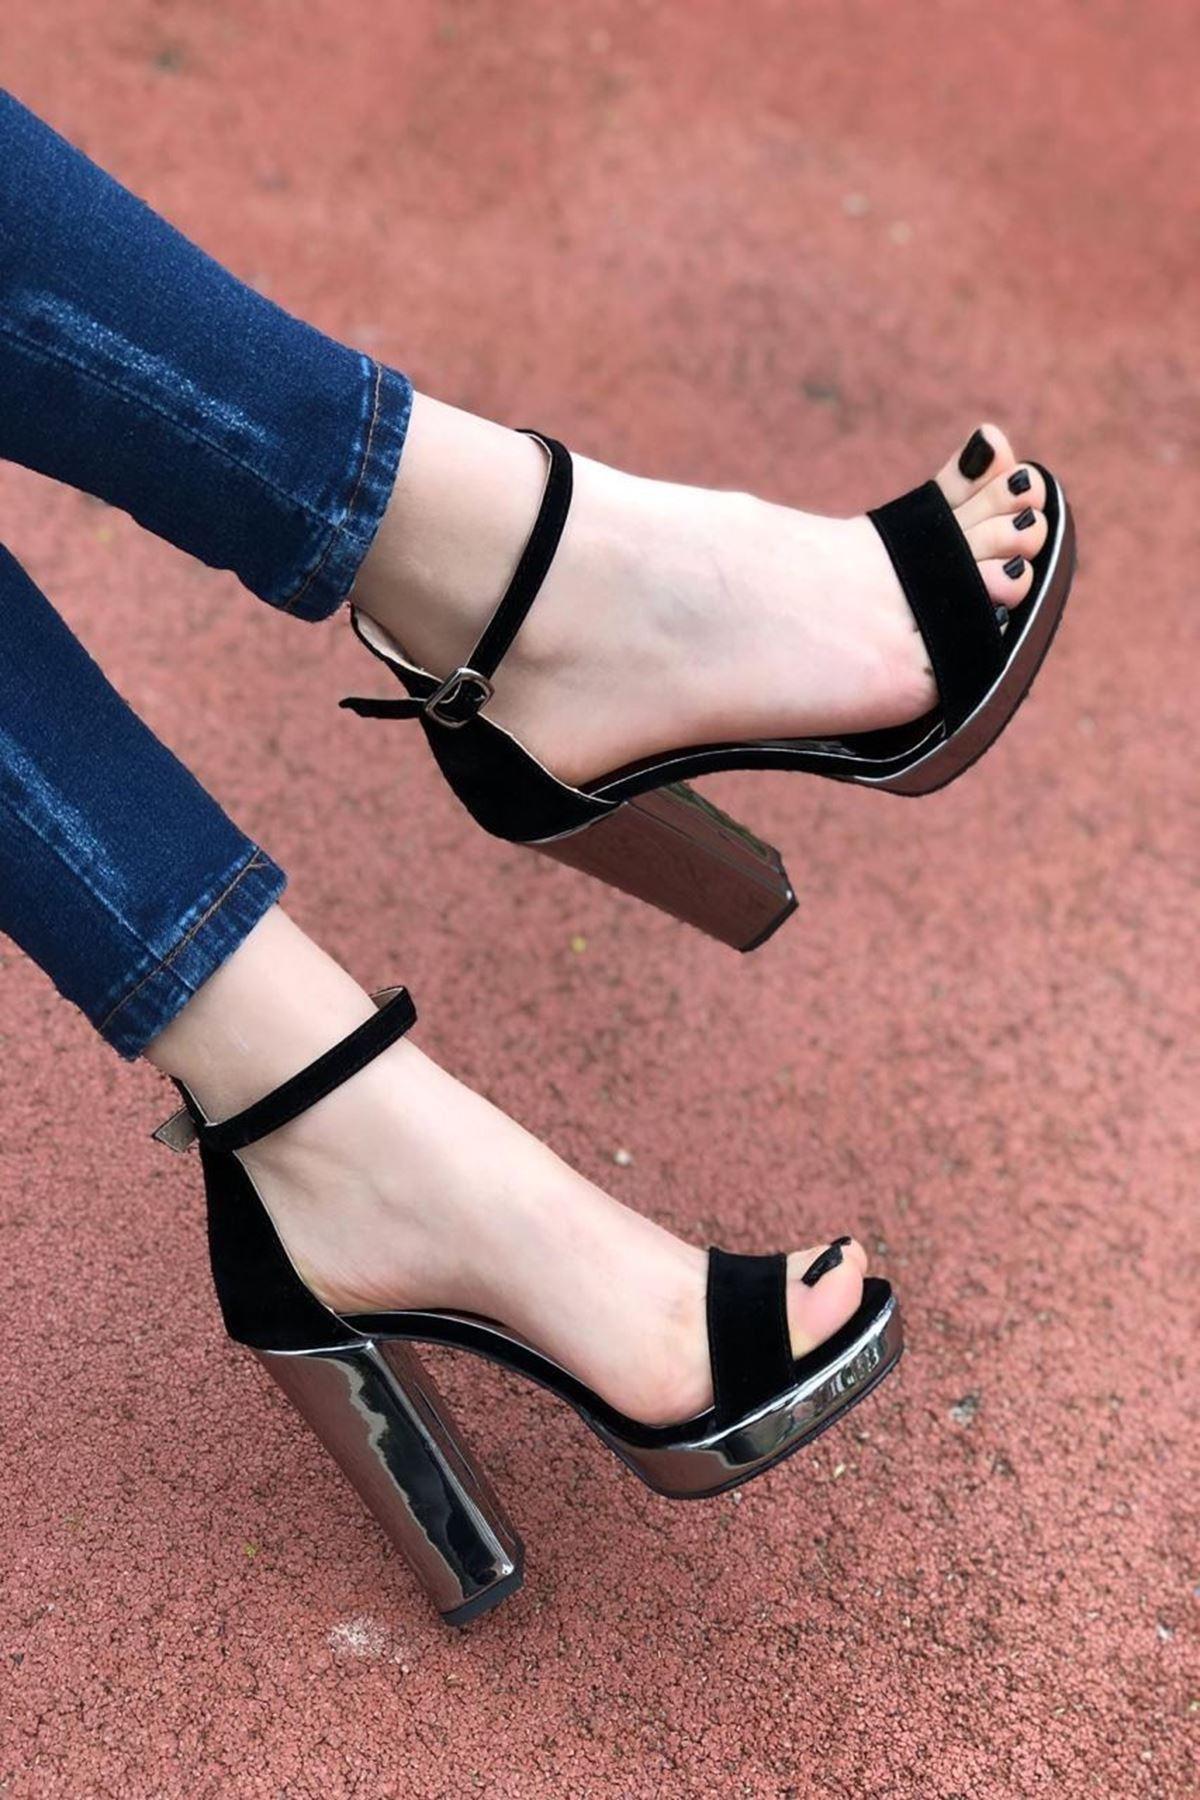 Kadın Pulet Siyah Topuklu Ayakkabı